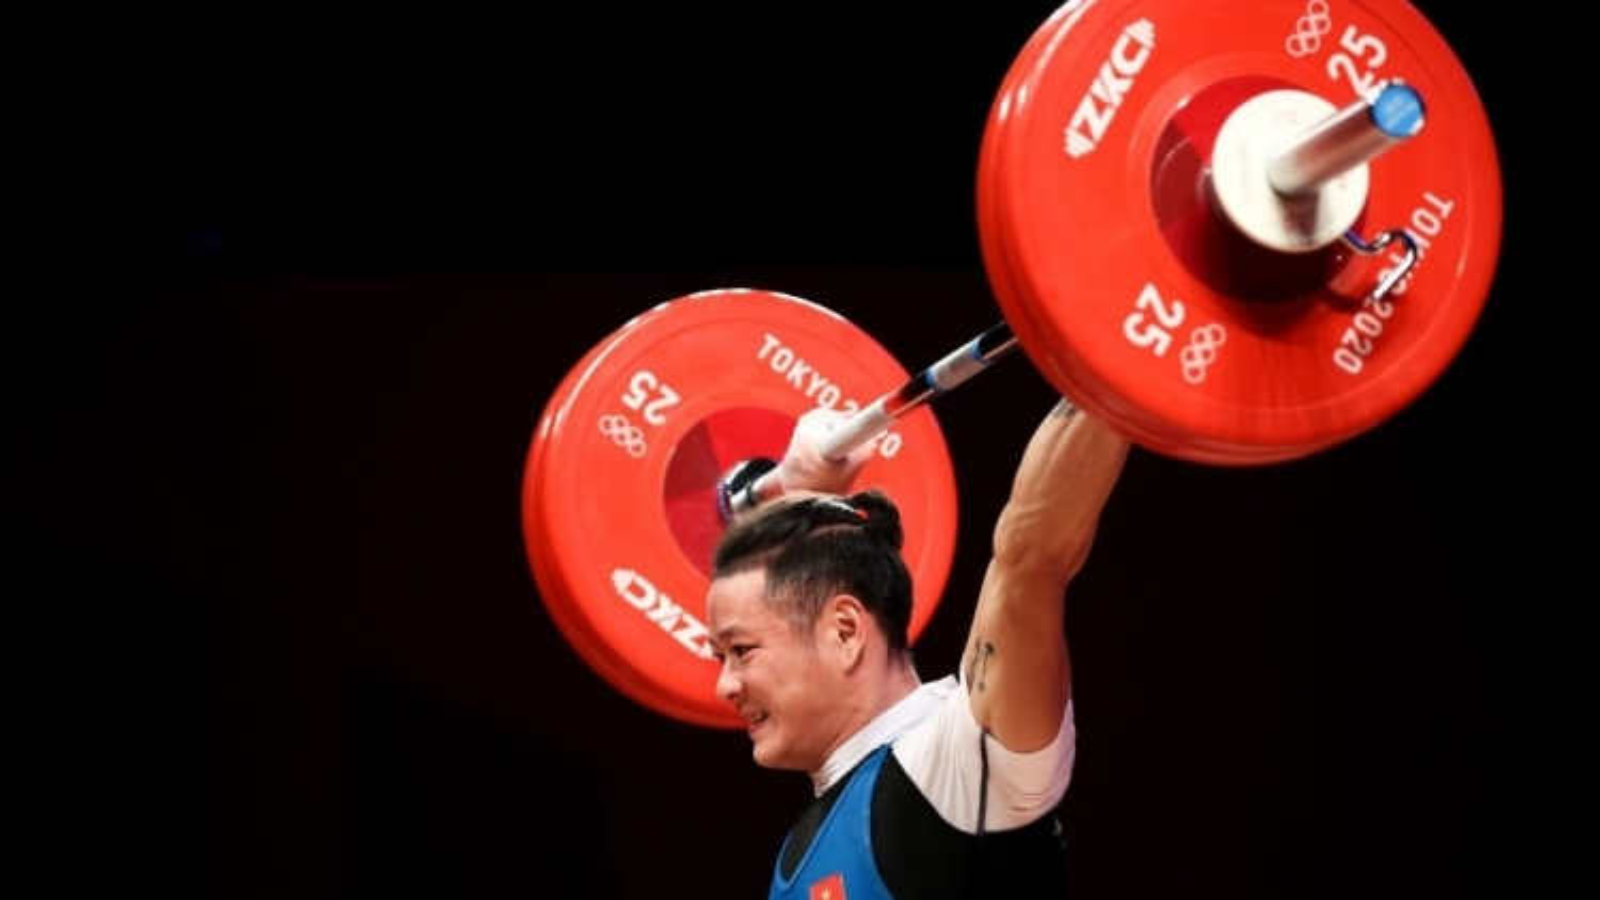 TRỰC TIẾP Olympic Tokyo ngày 25/7: Thạch Kim Tuấn thất bại